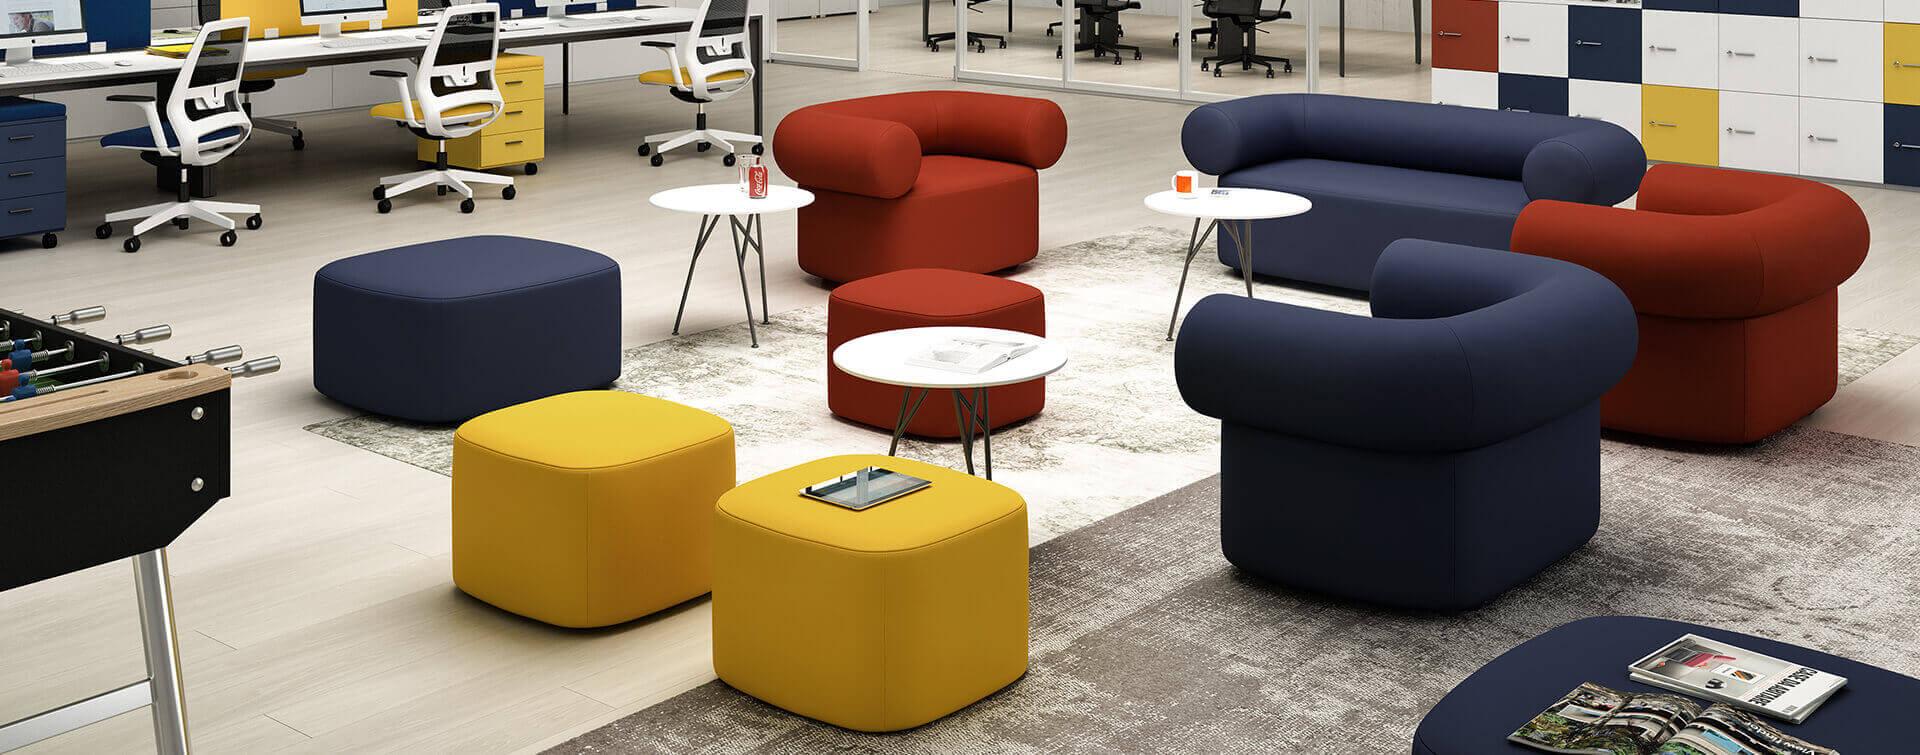 Aumente l a productividad de los trabajadores con un ambiente de oficina optimizado